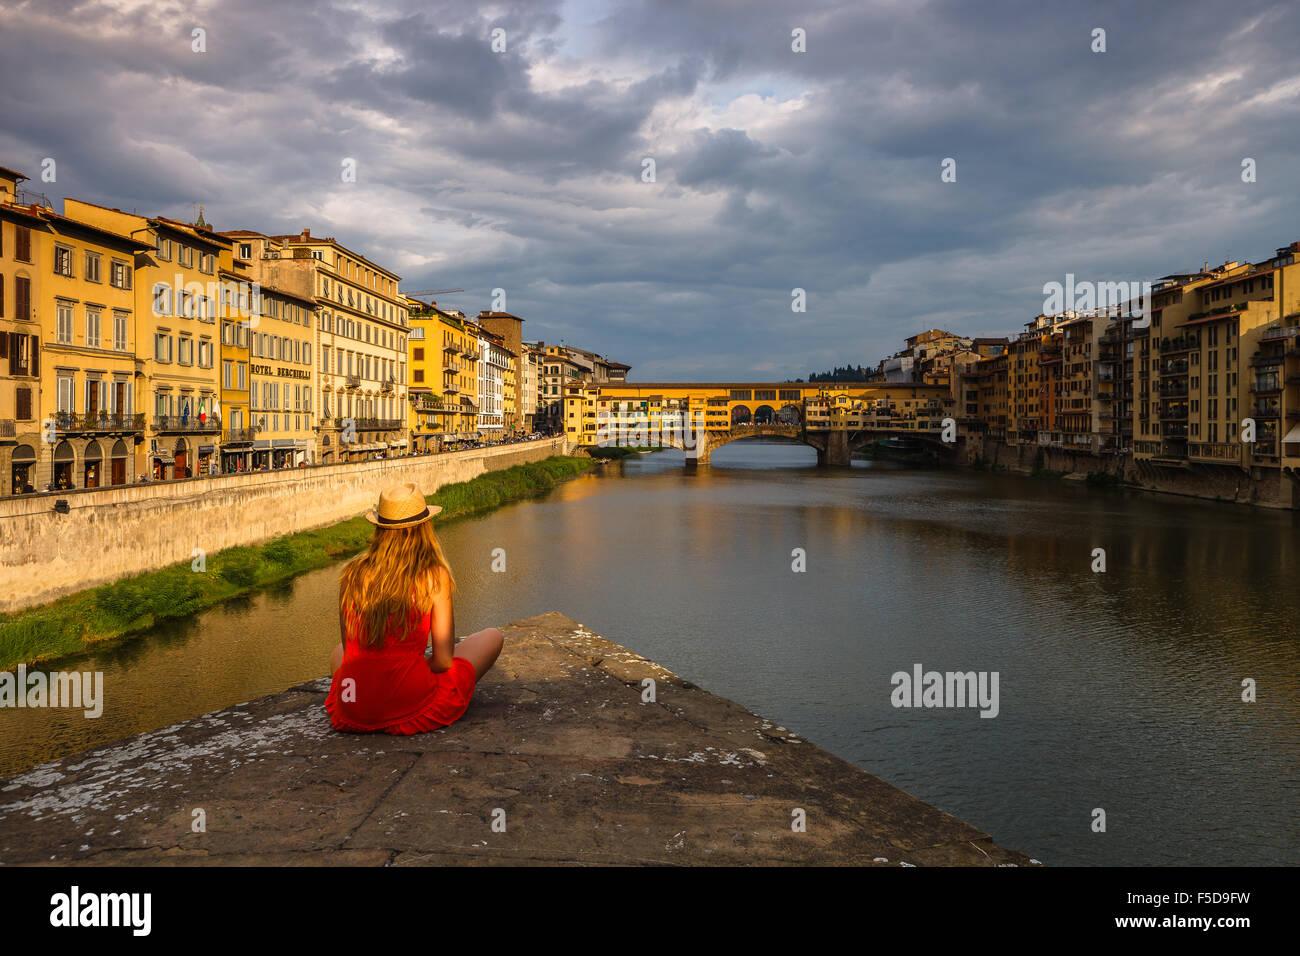 Una joven mujer disfrutando de la vista del Ponte Vecchio y del río Arno, al atardecer, Florencia, Toscana, Imagen De Stock